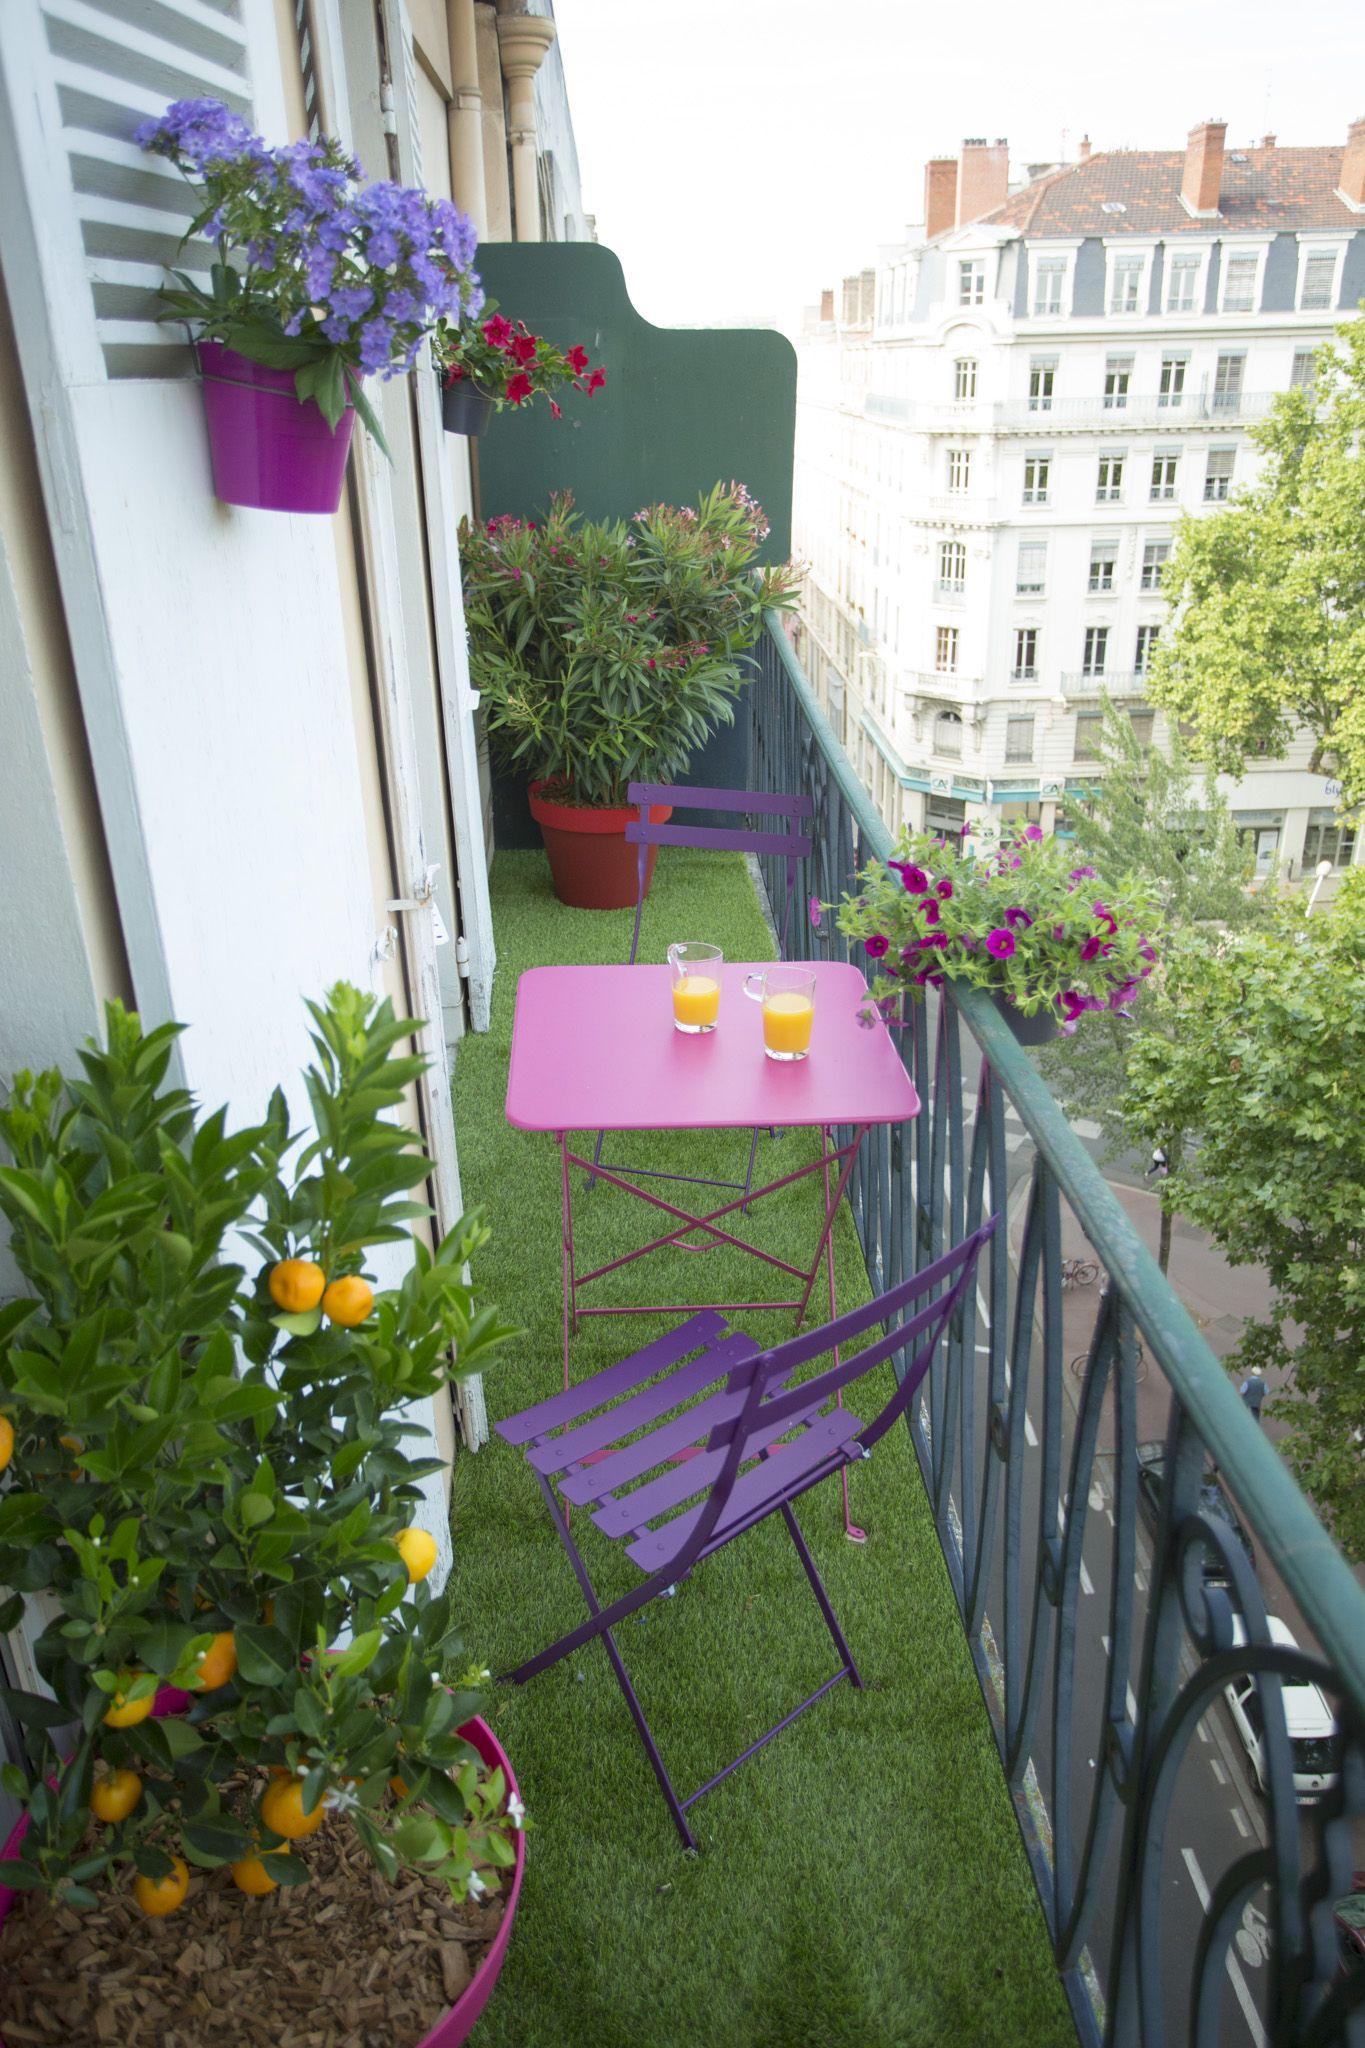 Epingle Sur Inspirations Pour Balcons Et Terrasses Printemps 2015